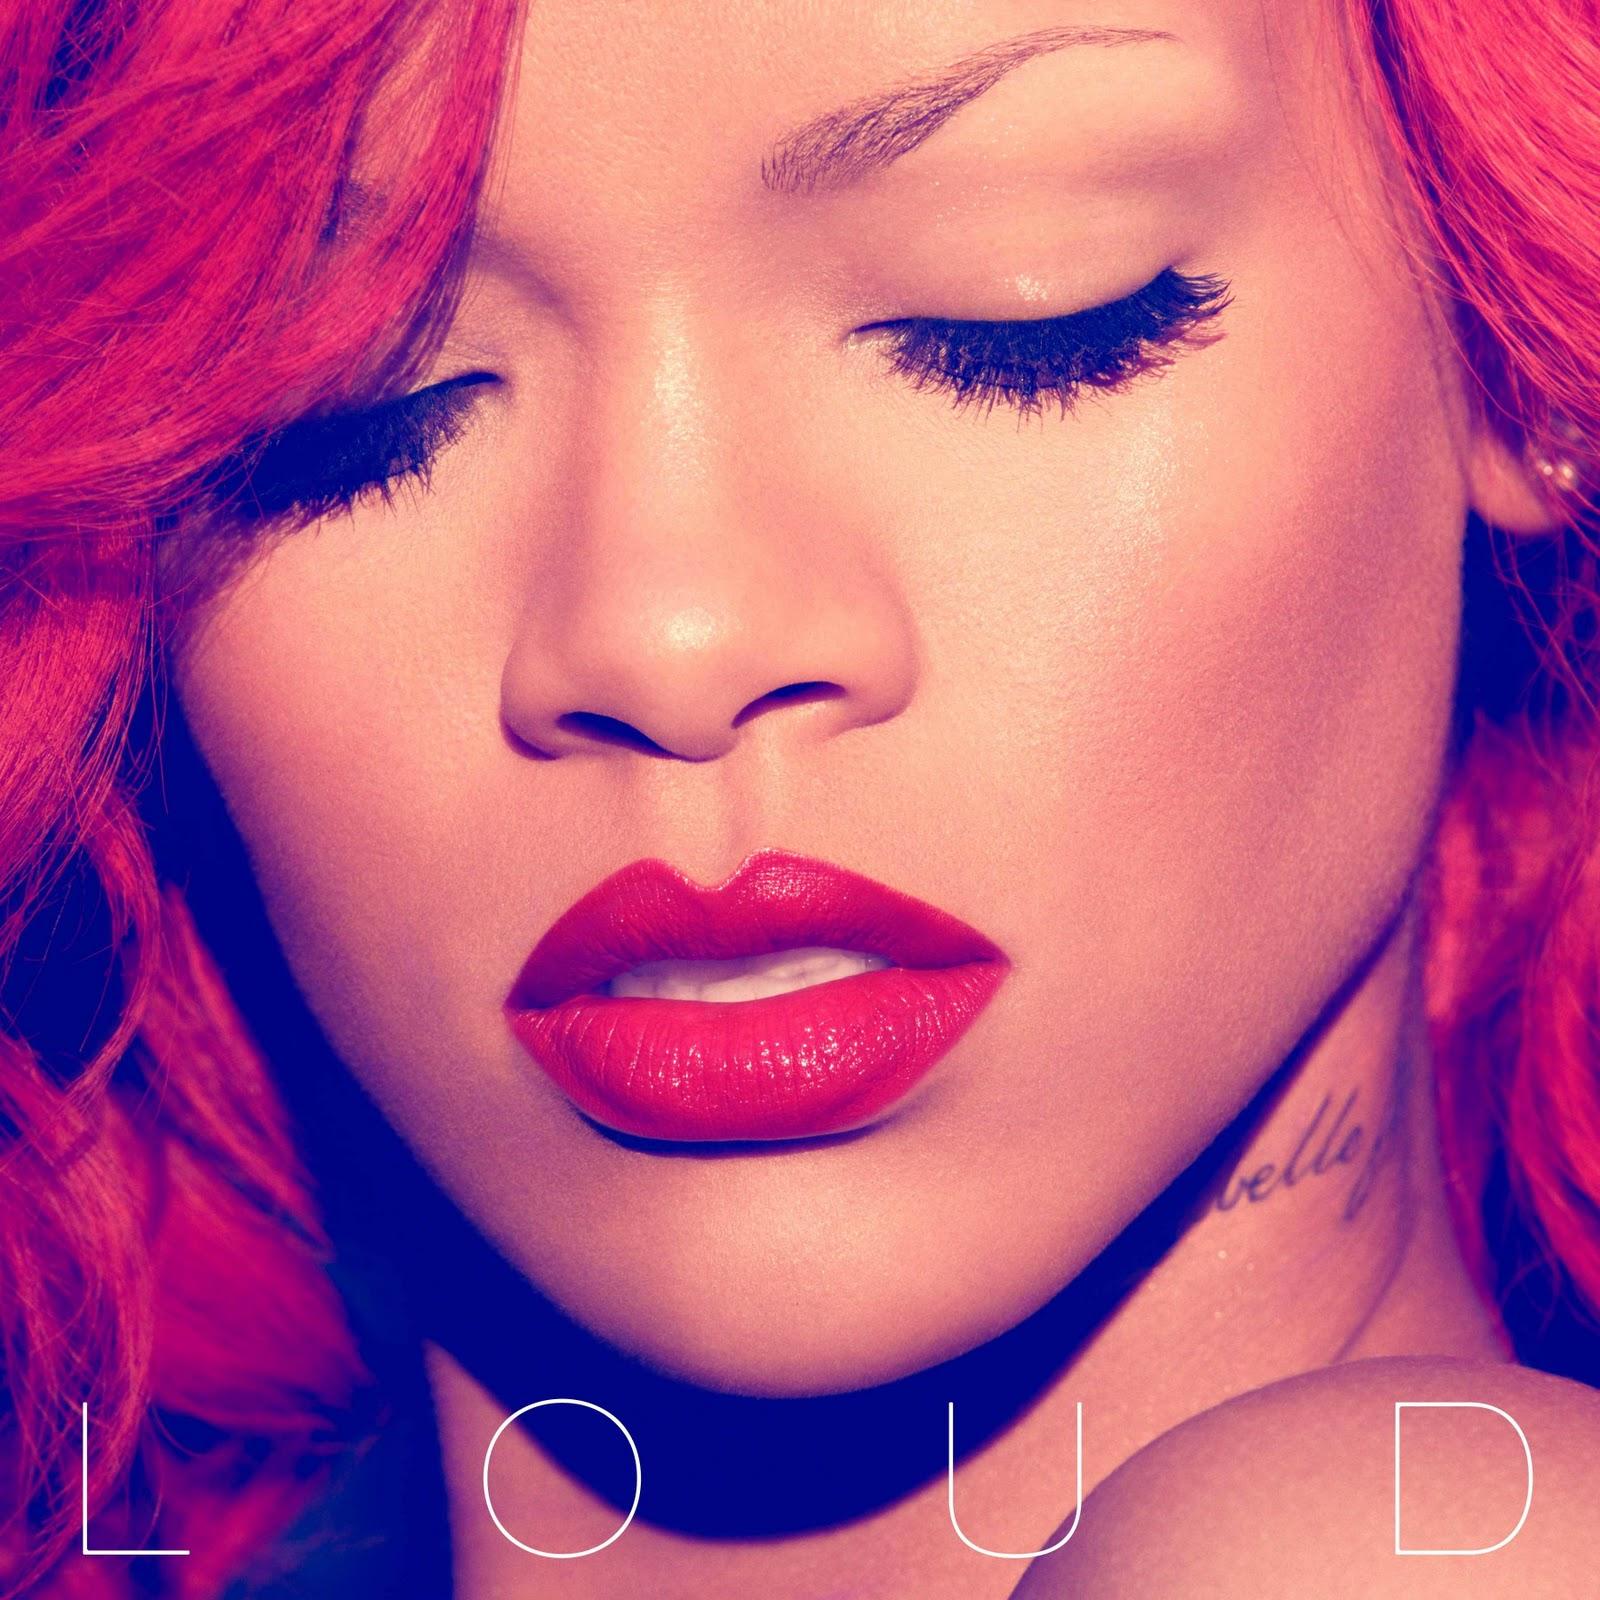 http://4.bp.blogspot.com/_mupIVJbjvuU/TKLnYvpNTNI/AAAAAAAAHU0/nhcSiMrrkBk/s1600/Rihanna+-+Loud+(Official+Album+Cover).jpg